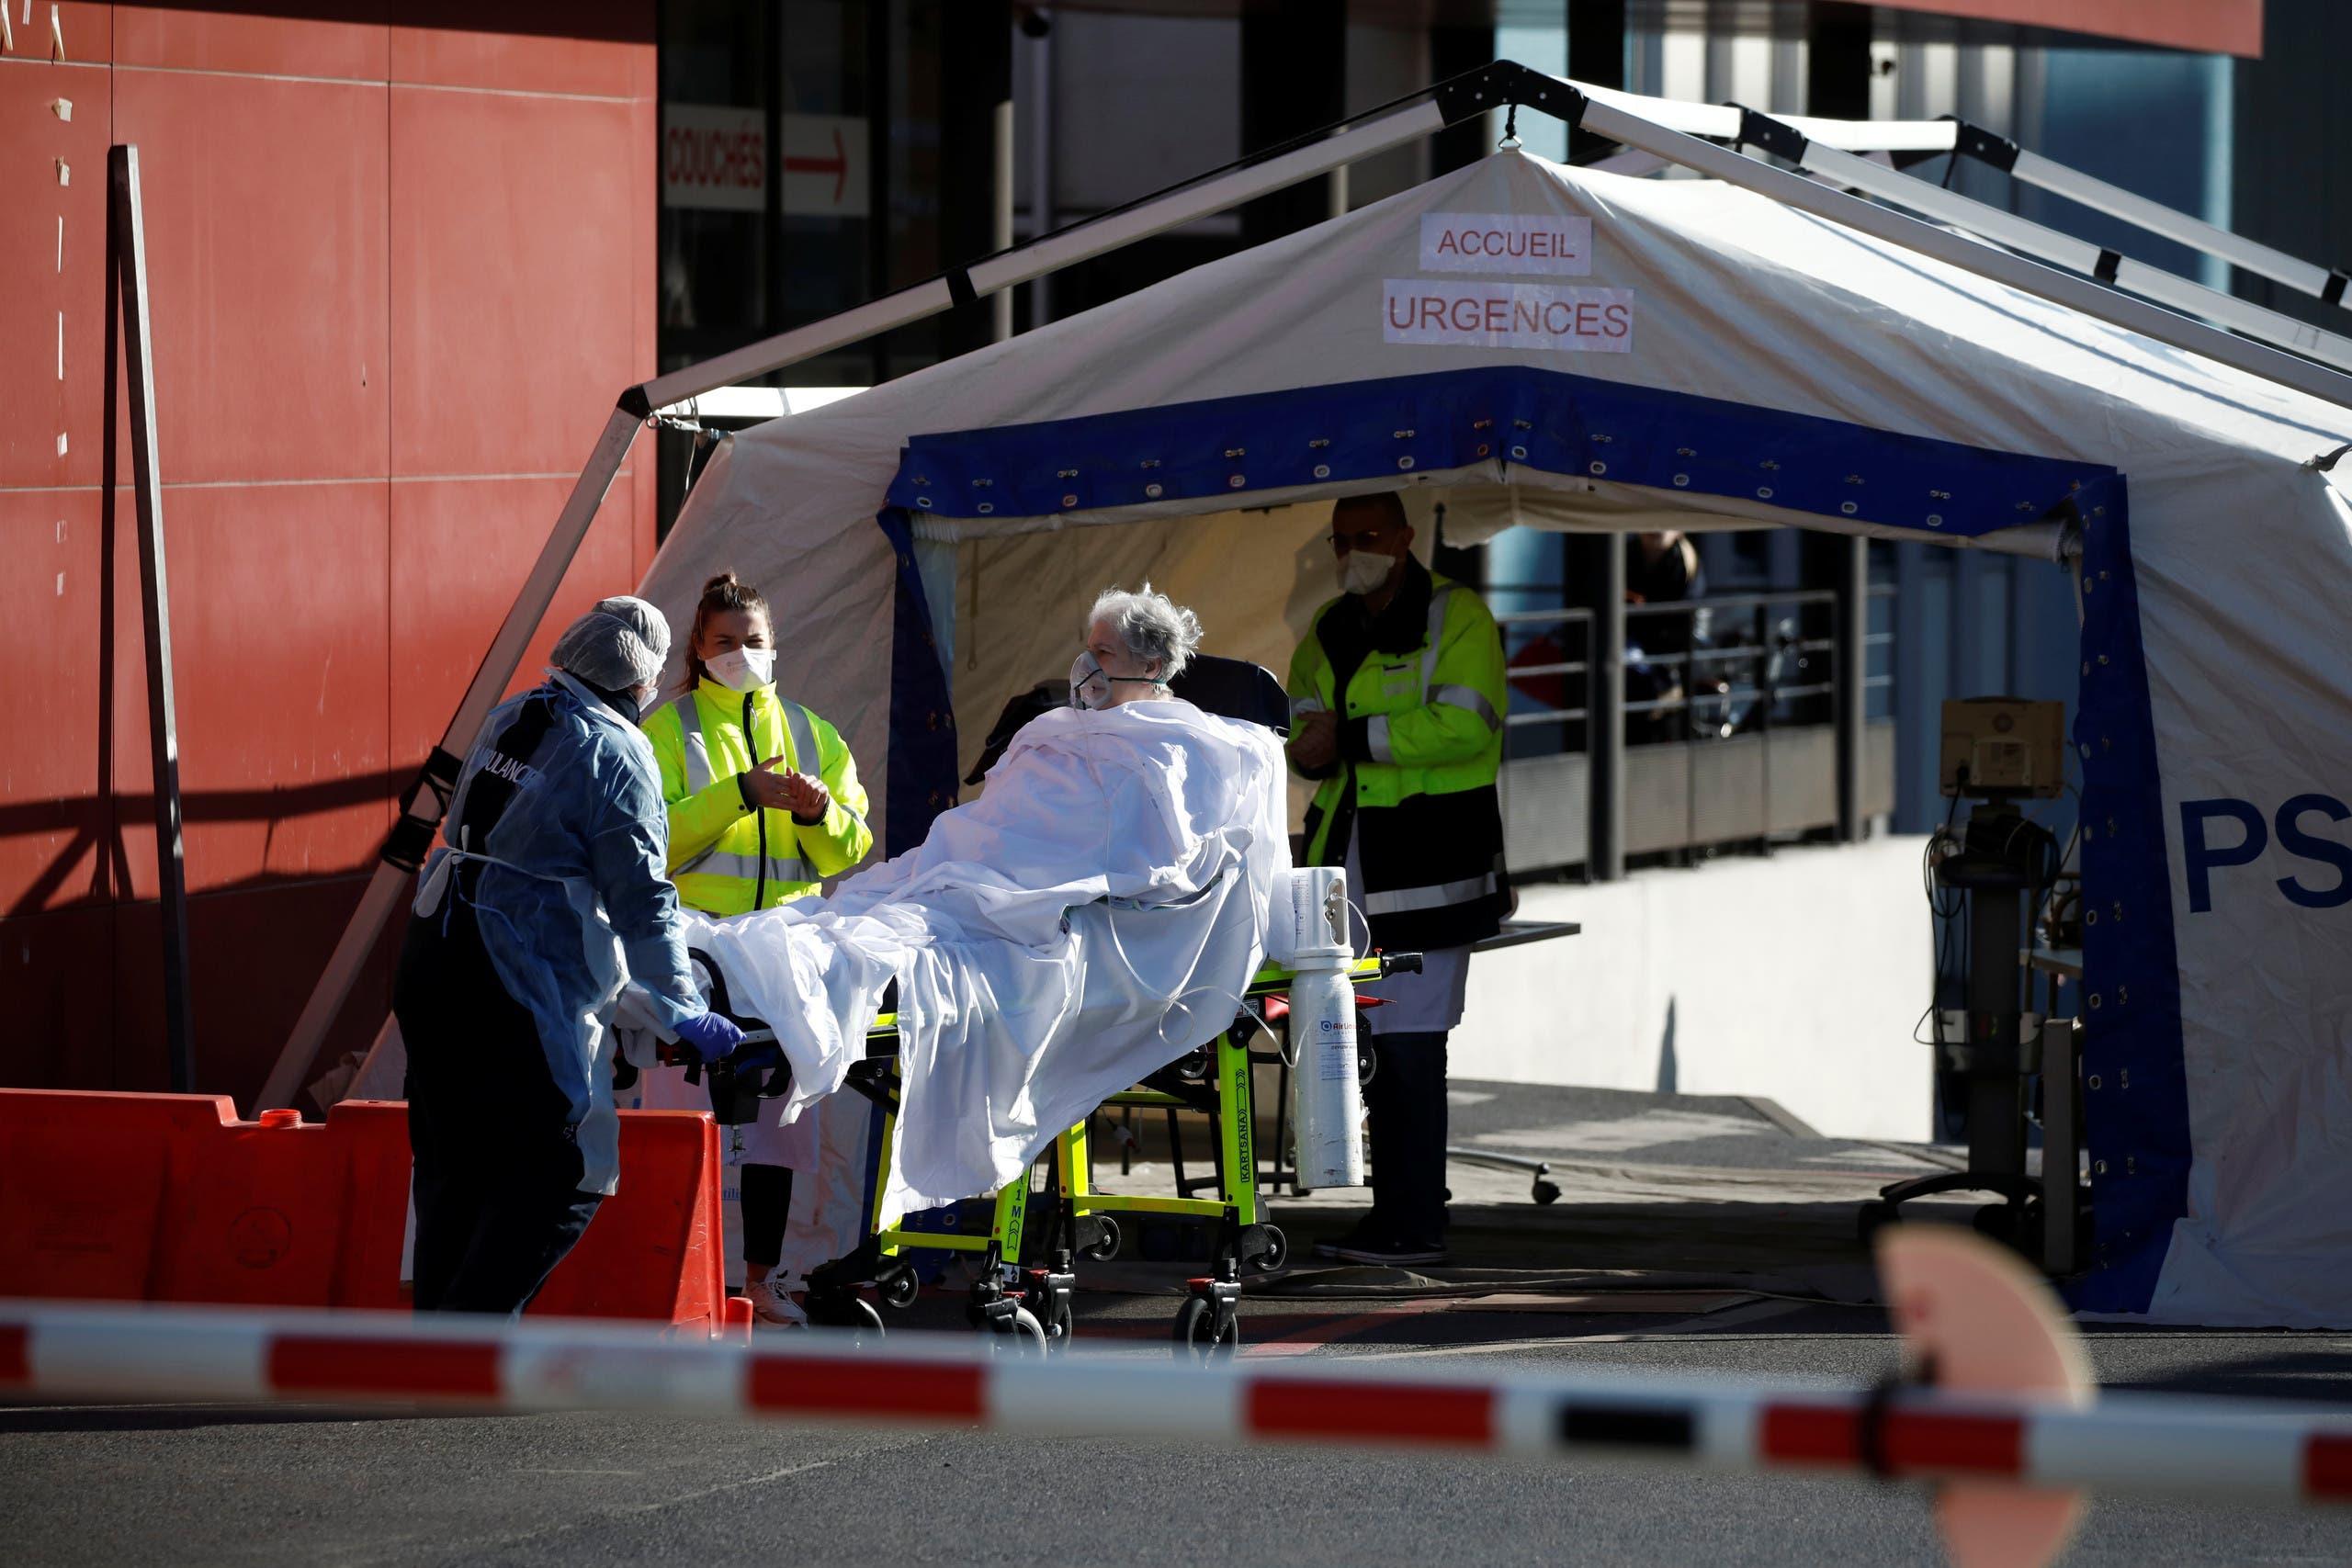 مسعفون ينقلون مريضاً بفيروس كورونا من سيارة إسعاف إلى مستشفى بالقرب من باريس يوم 30 مارس (رويترز)